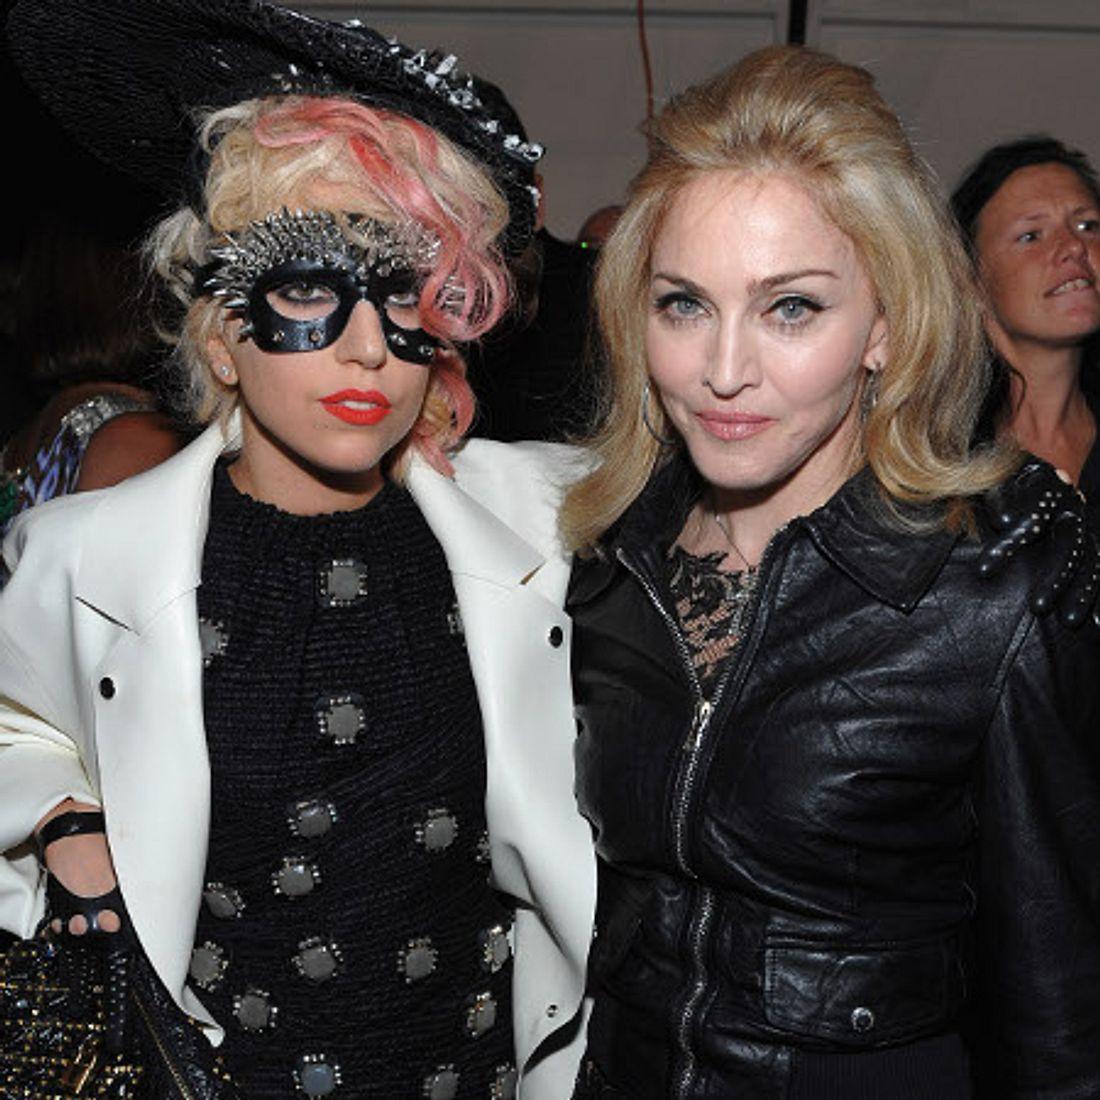 Die Läster-Attacken der StarsEs scheint Pop-Queen Madonna (53) nicht besonders gut zu gefallen, dass die knapp 30 Jahre jüngere Lady Gaga (26) an ihrem Thron sägt. Offenbar hat Madonna den Eindruck, dass ihre Konkurrentin sie in ihrem Stil